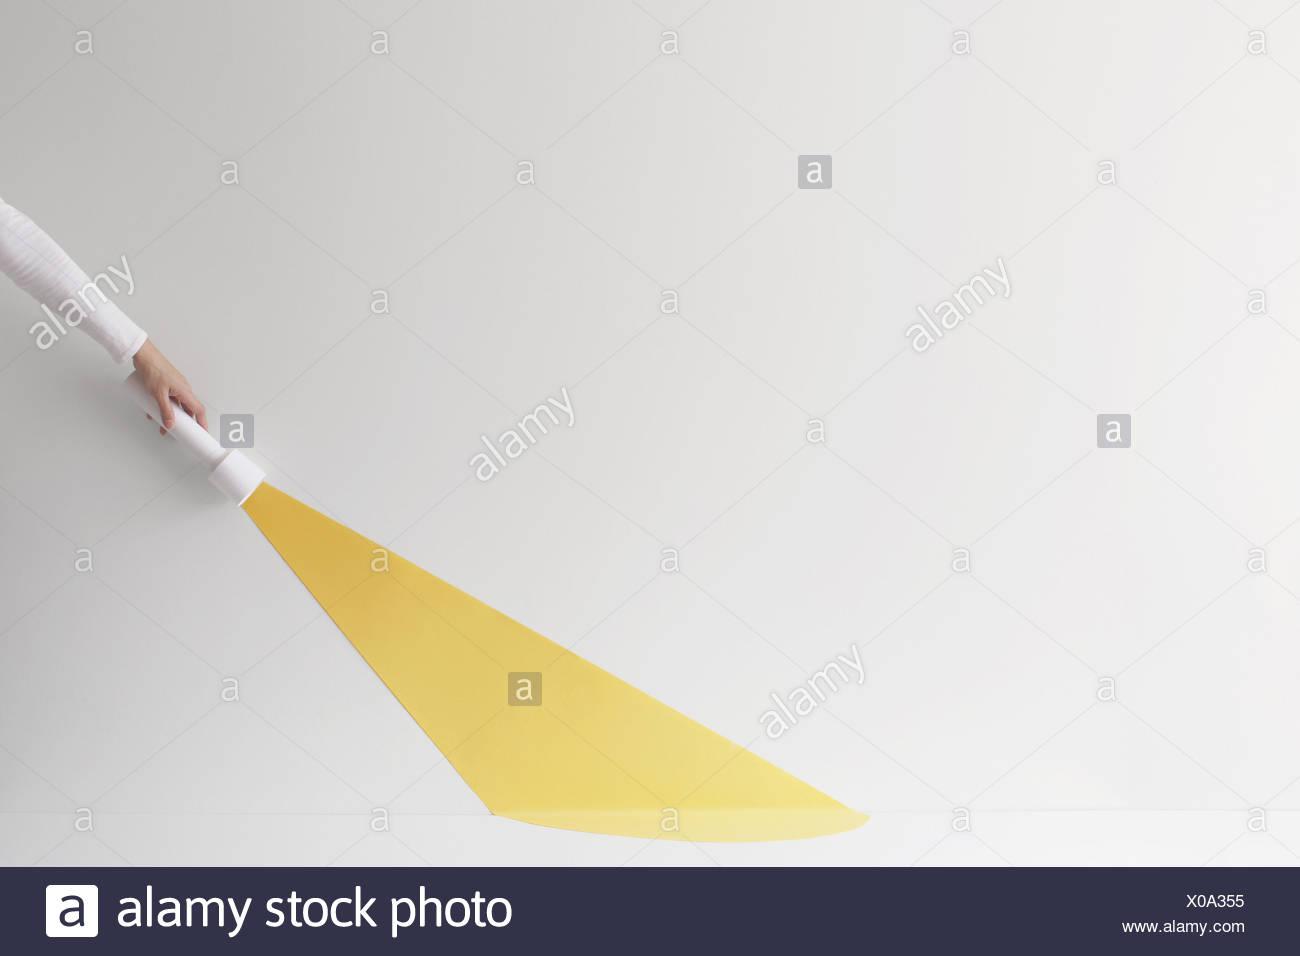 Konzeptionelle Hand hält eine Fackel mit Lichtstrahl Stockbild